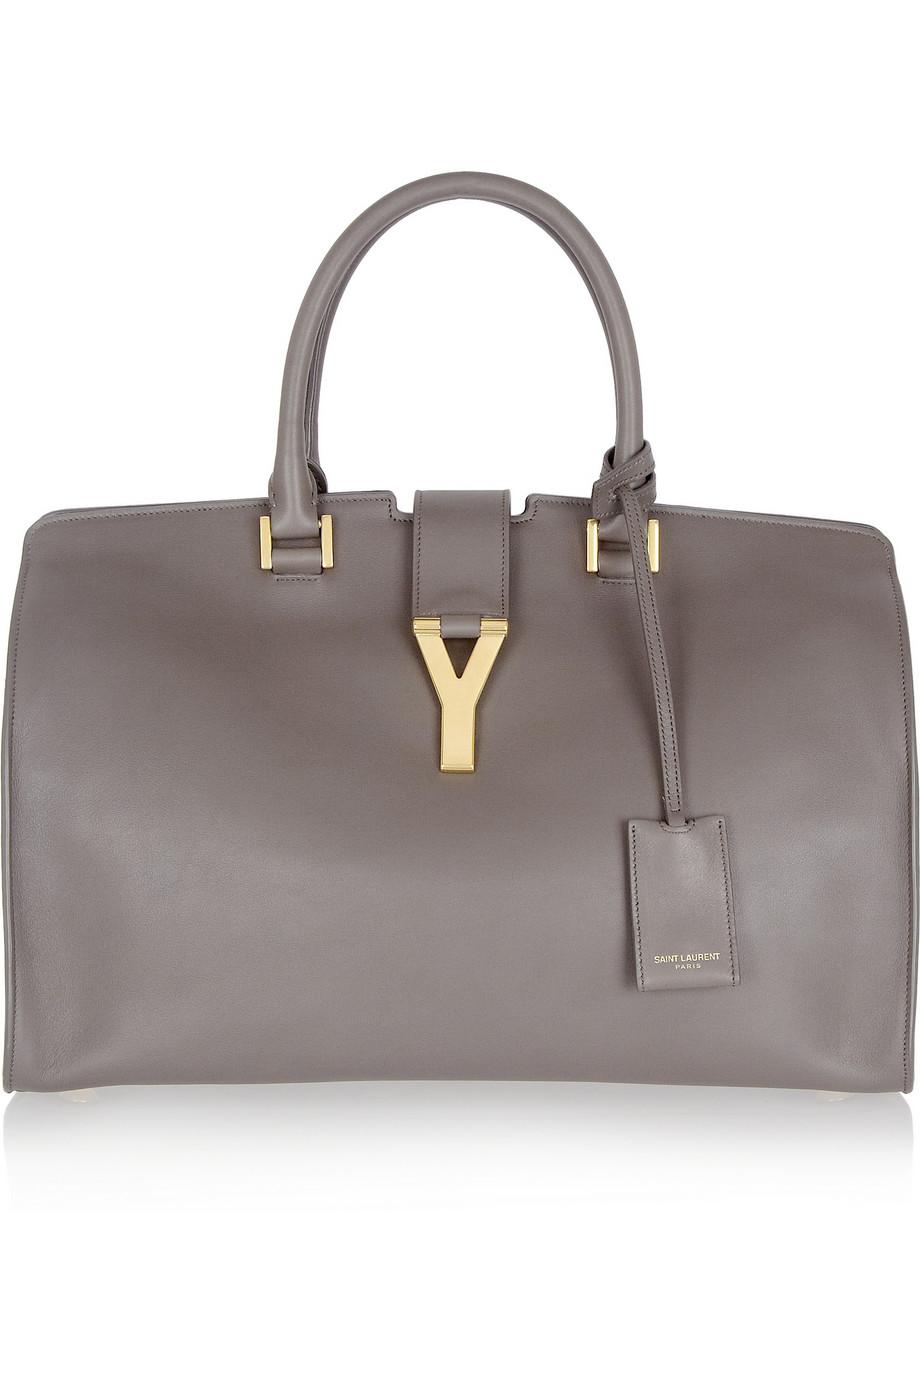 yves st. laurent wallet - y ligne soft leather bag, red